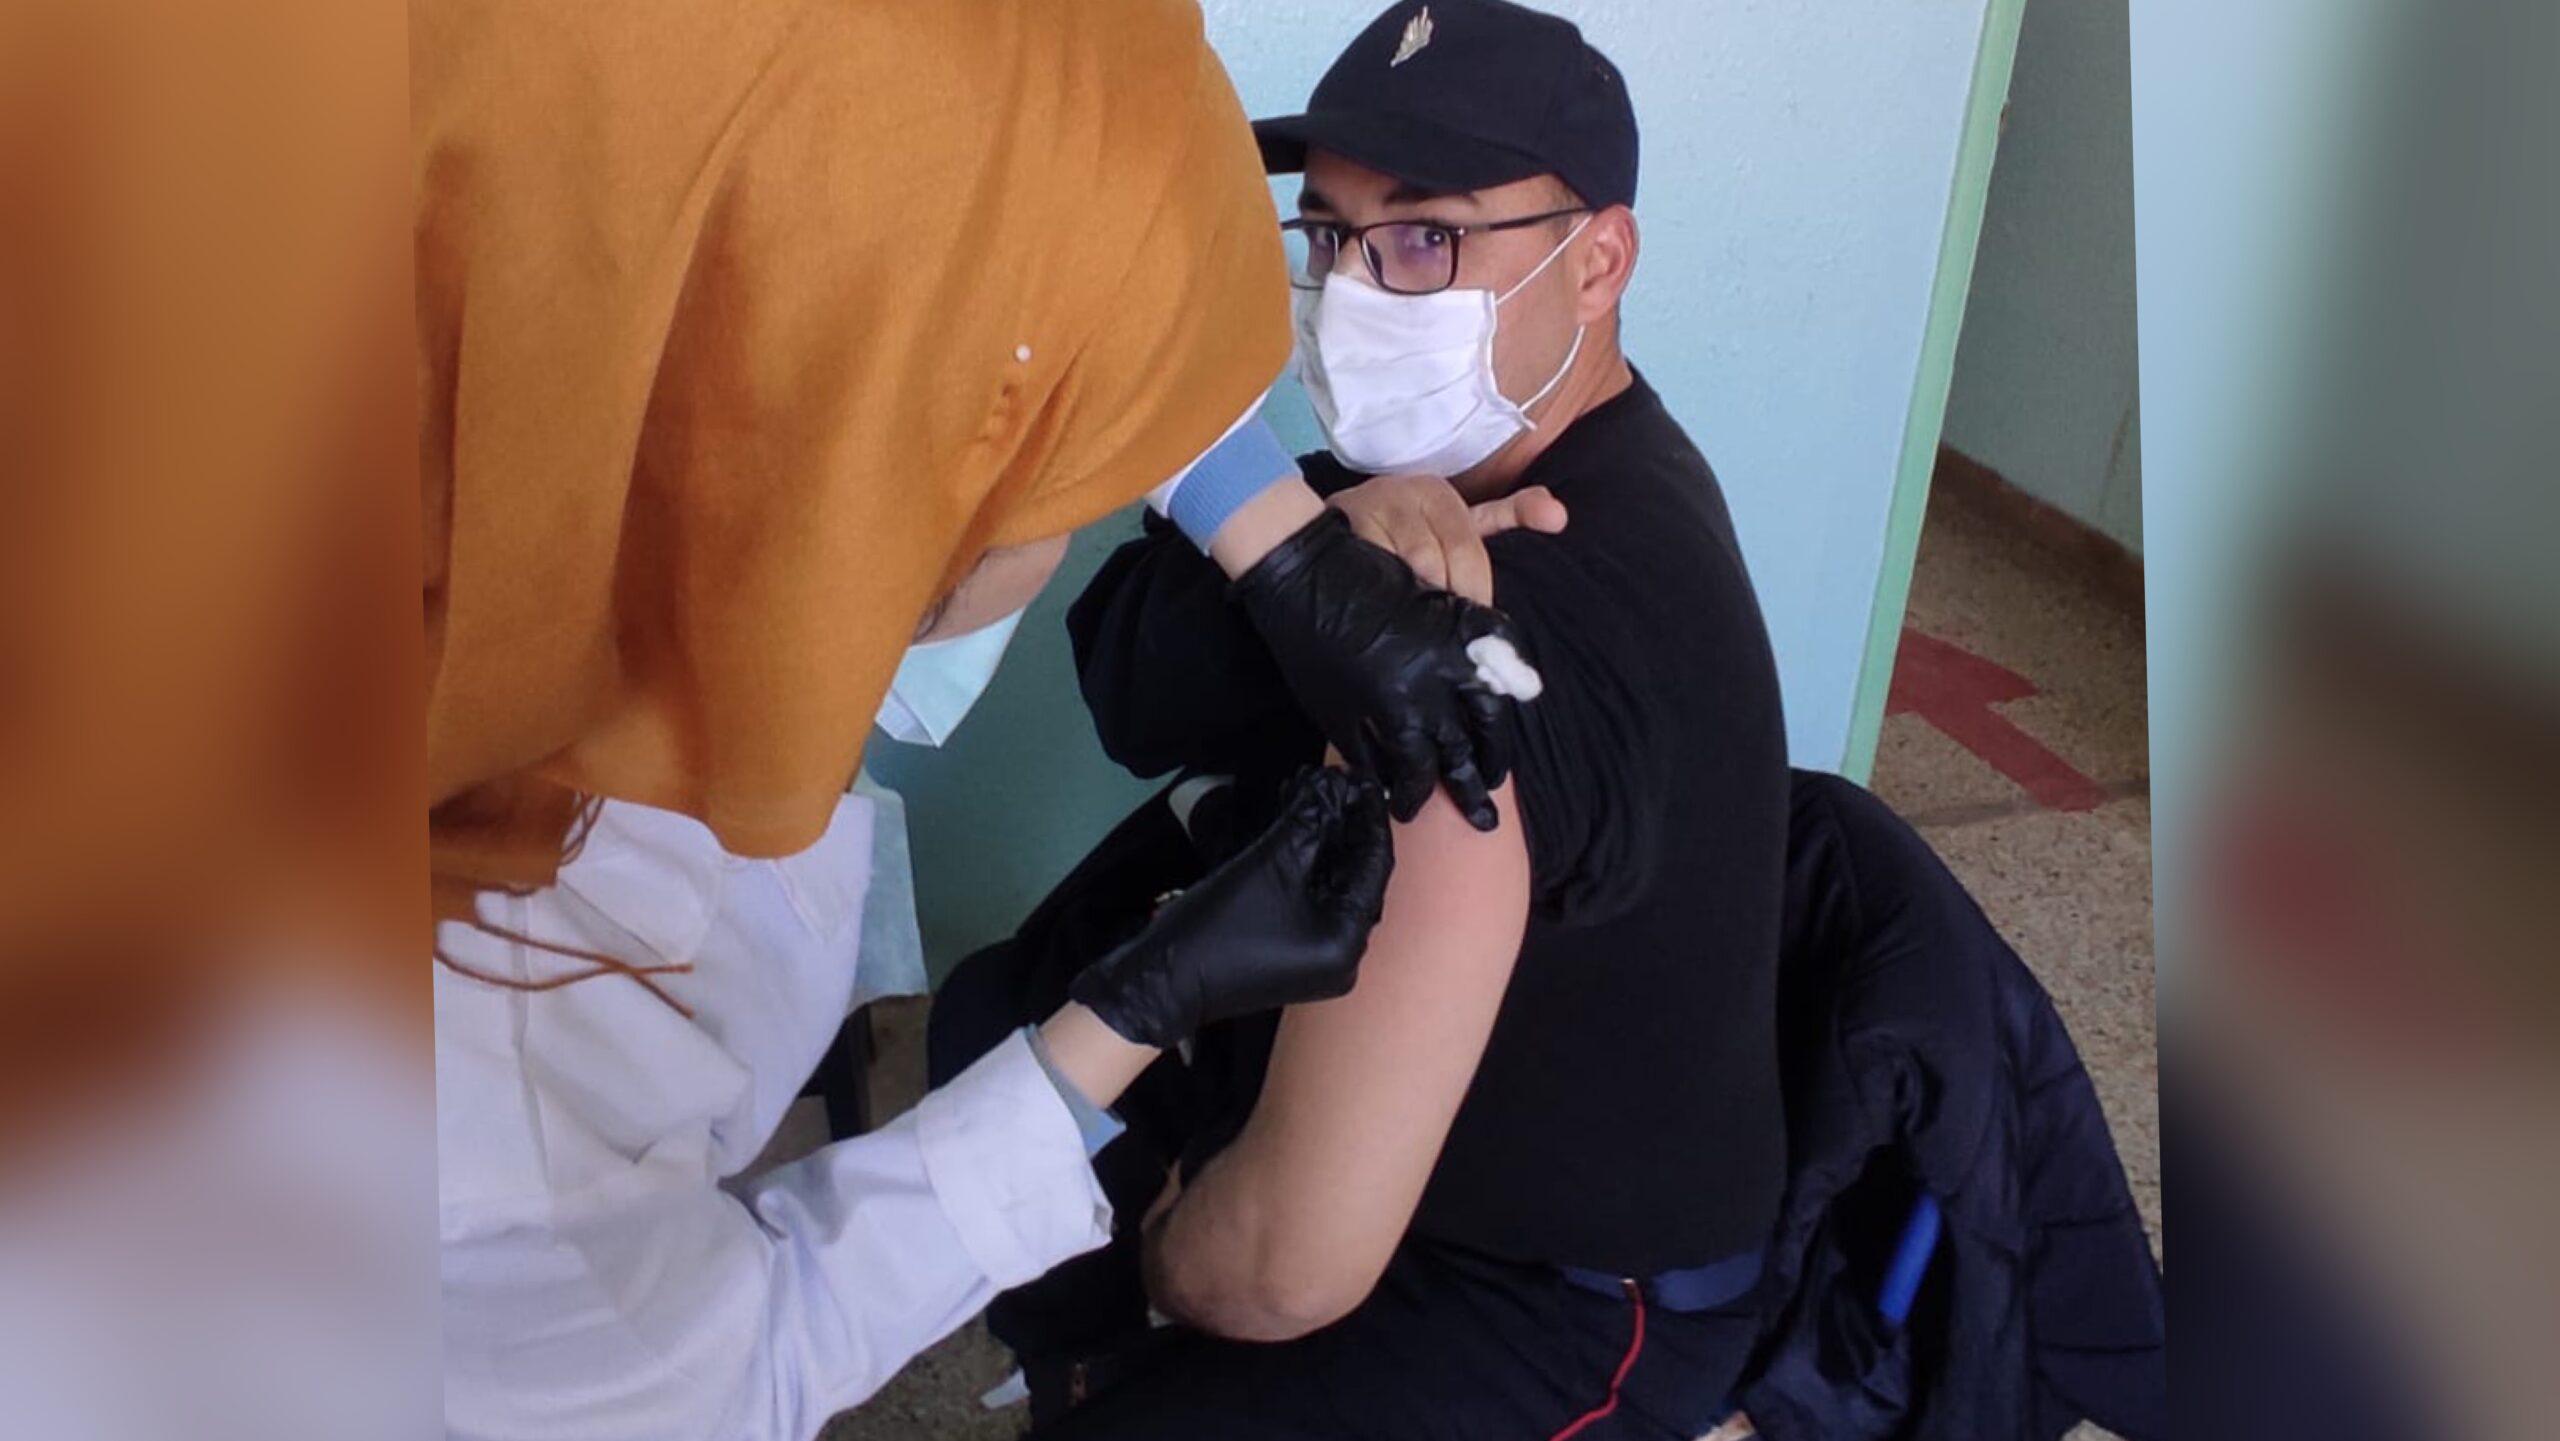 صورة عناصر الوقاية المدنية بآيت أورير تتلقى لقاح كورونا